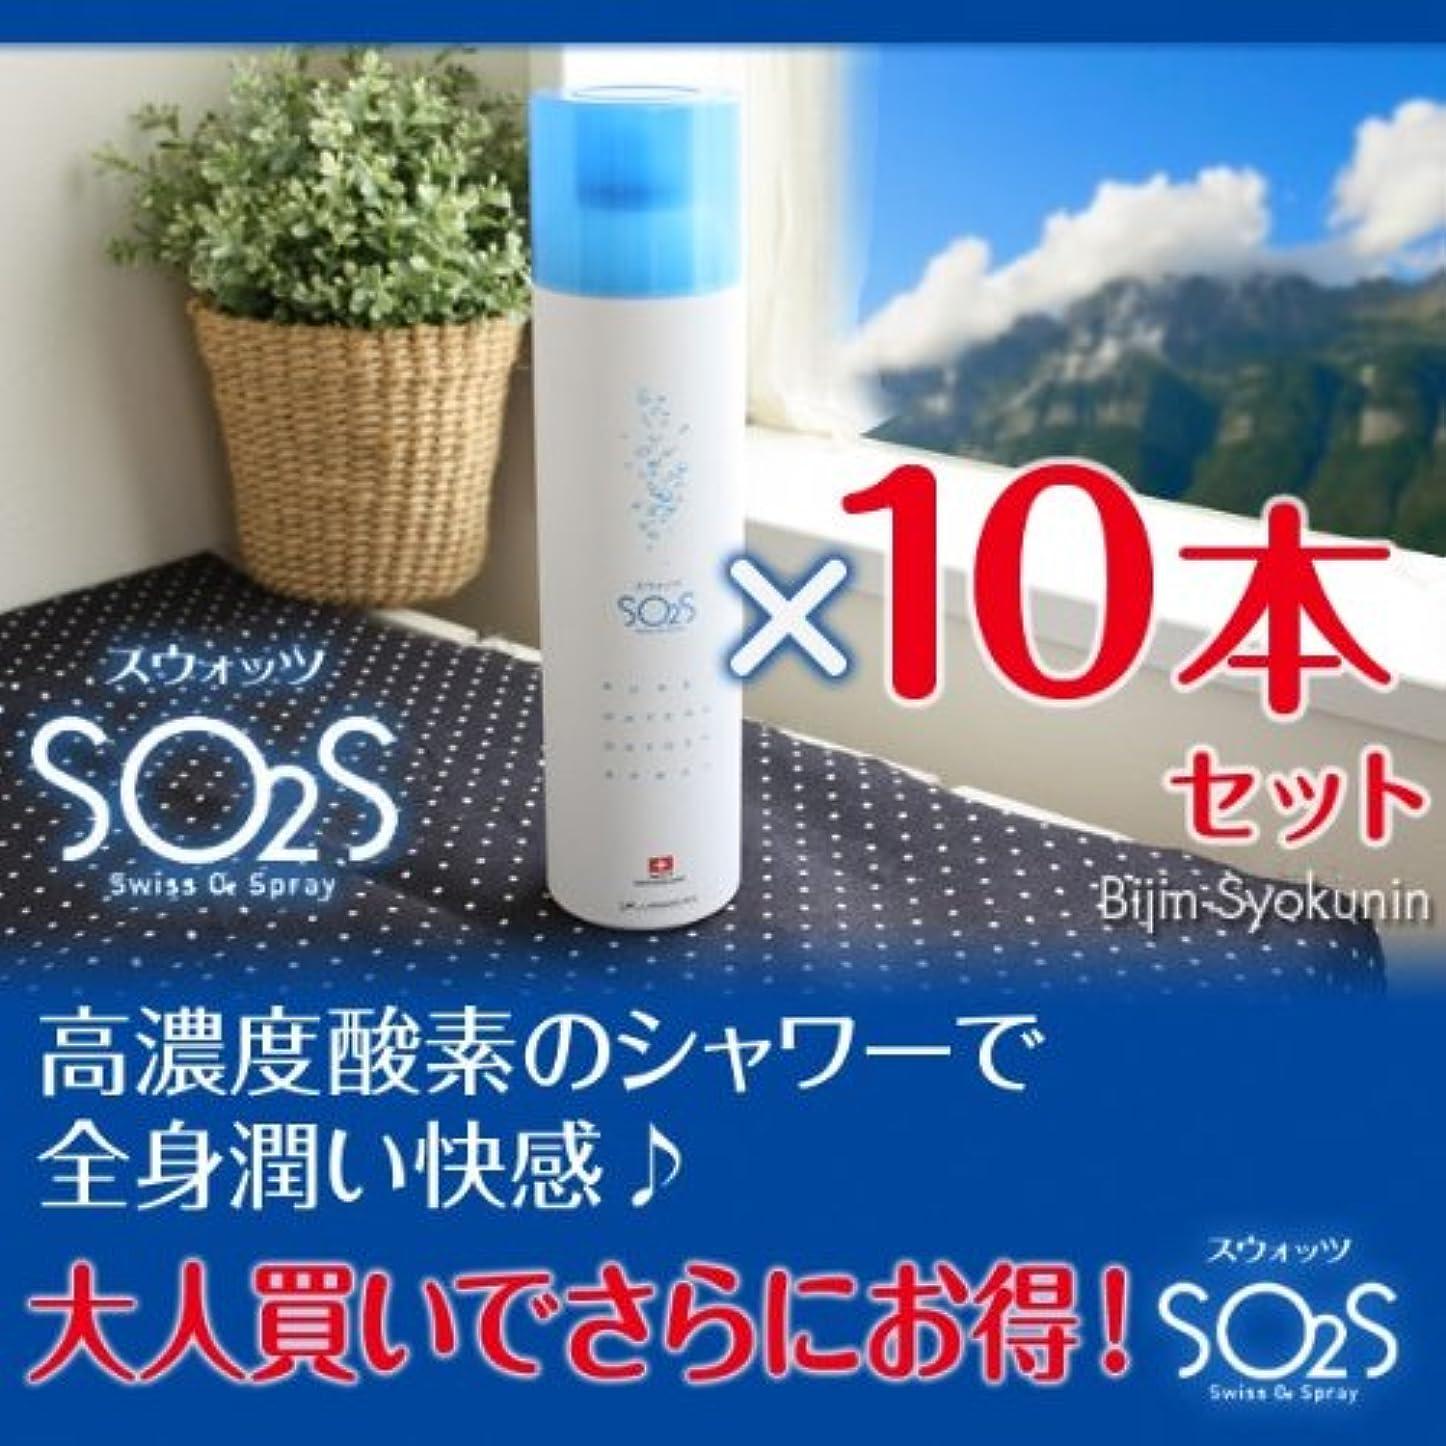 スウォッツ (300ml) 10本セット【SO2S】